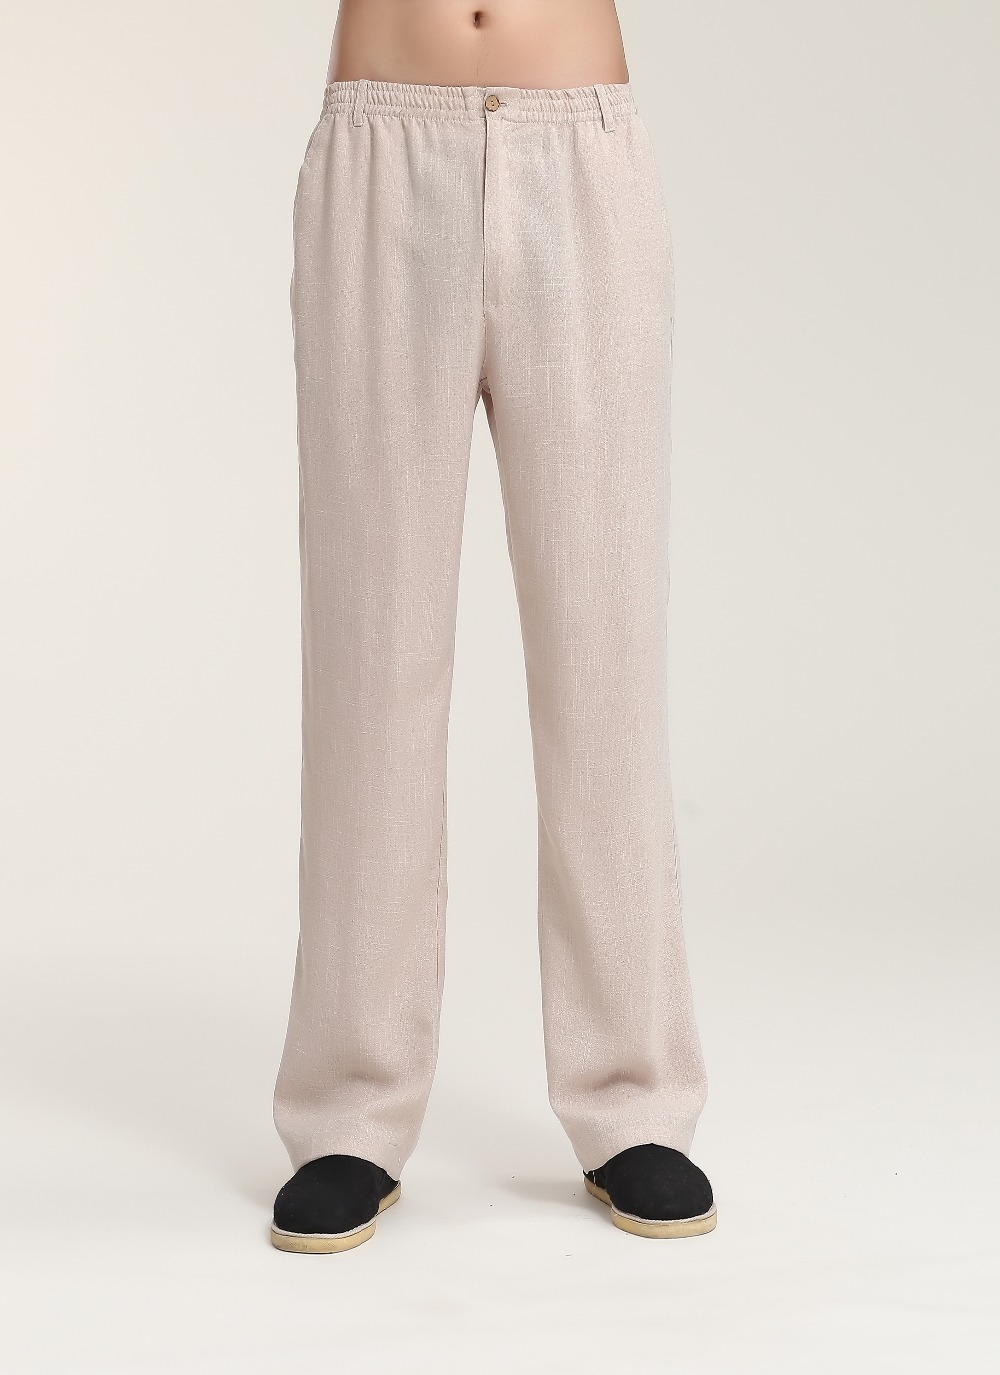 [해외]상하이 이야기 어 남자 & s의 의류 어 쿵후 바지 태극권 바지 남성 오리엔탈 스타일 바지/Shanghai Story Chinese Man&s Clothing CHinese Kungfu Pants Tai Chi Trousers for Men Orienta